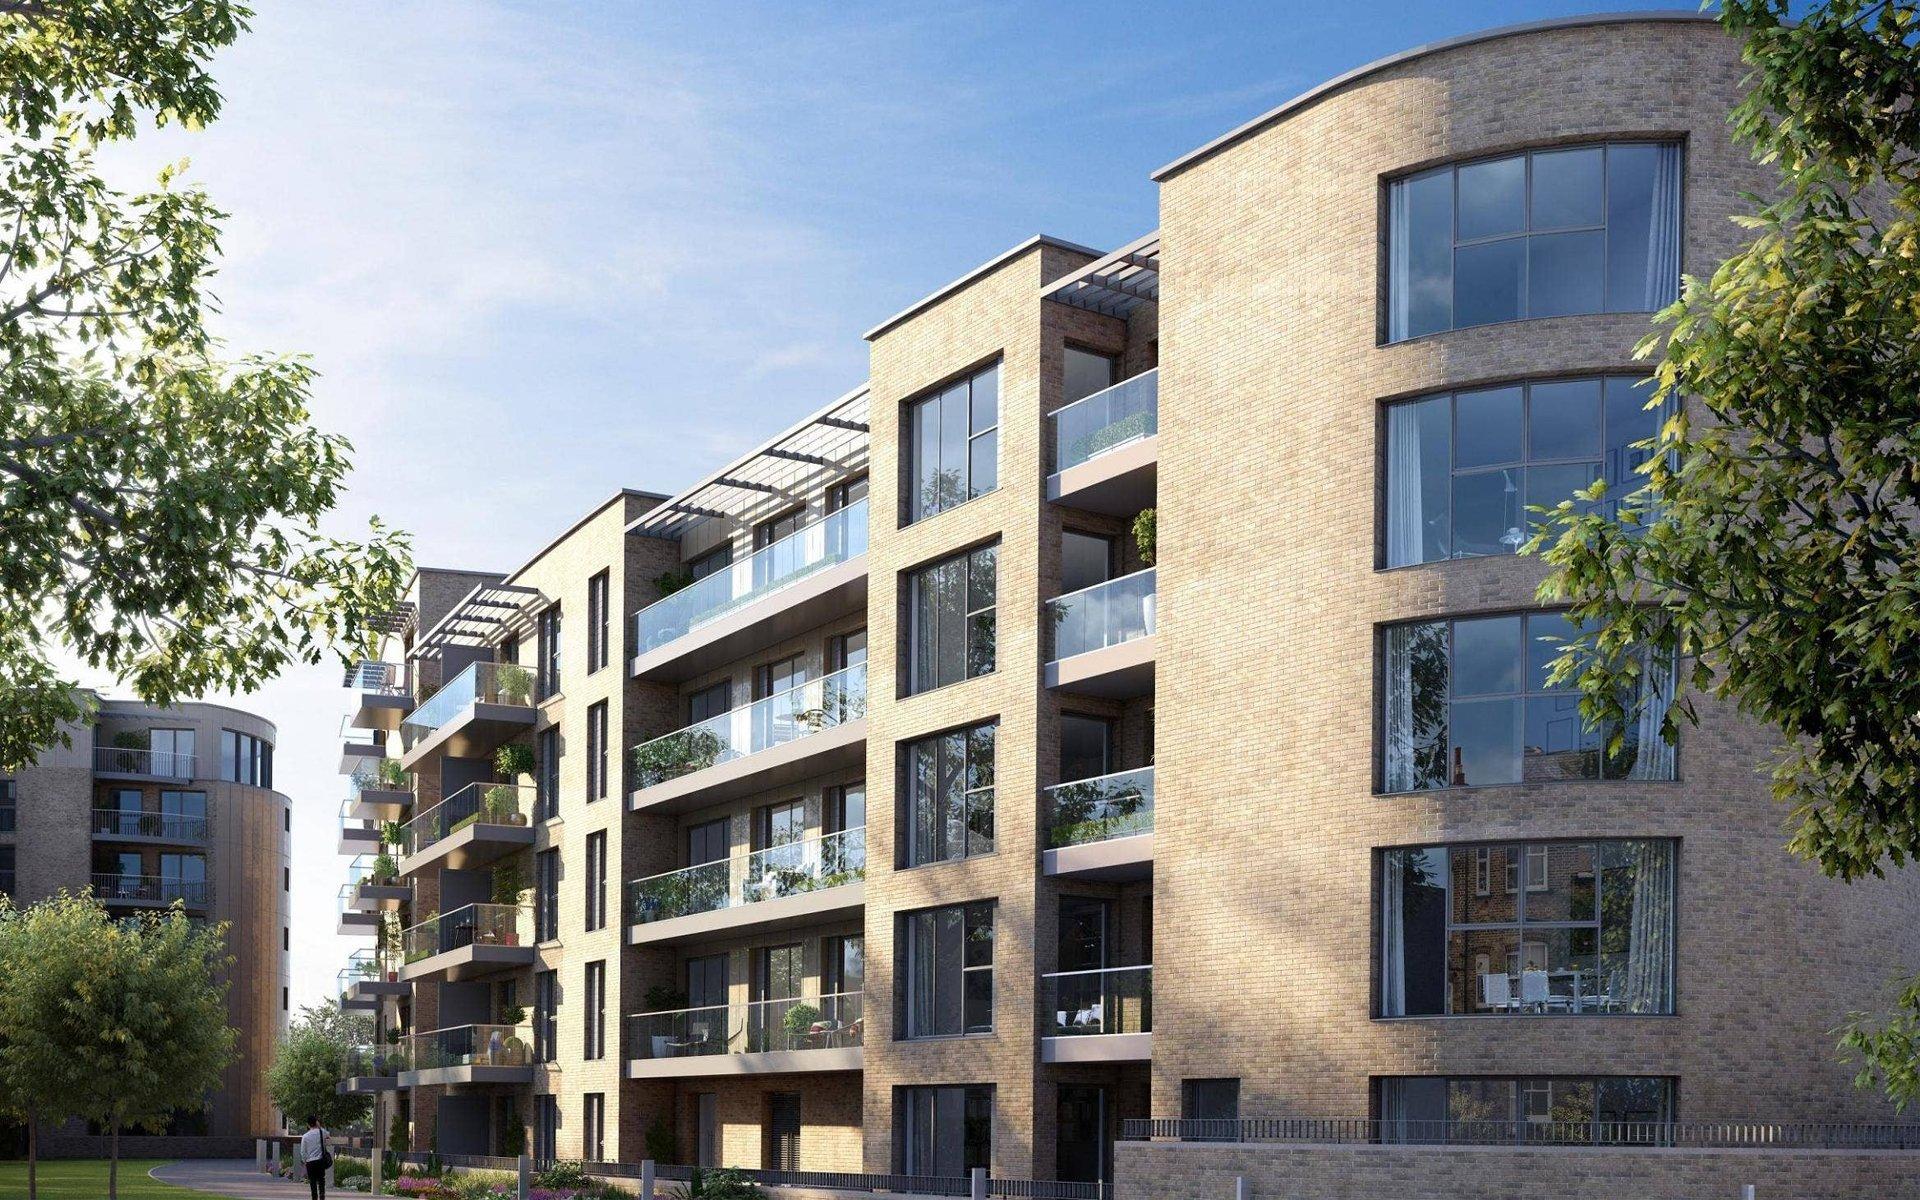 West Drayton Full Detailed MEP Design